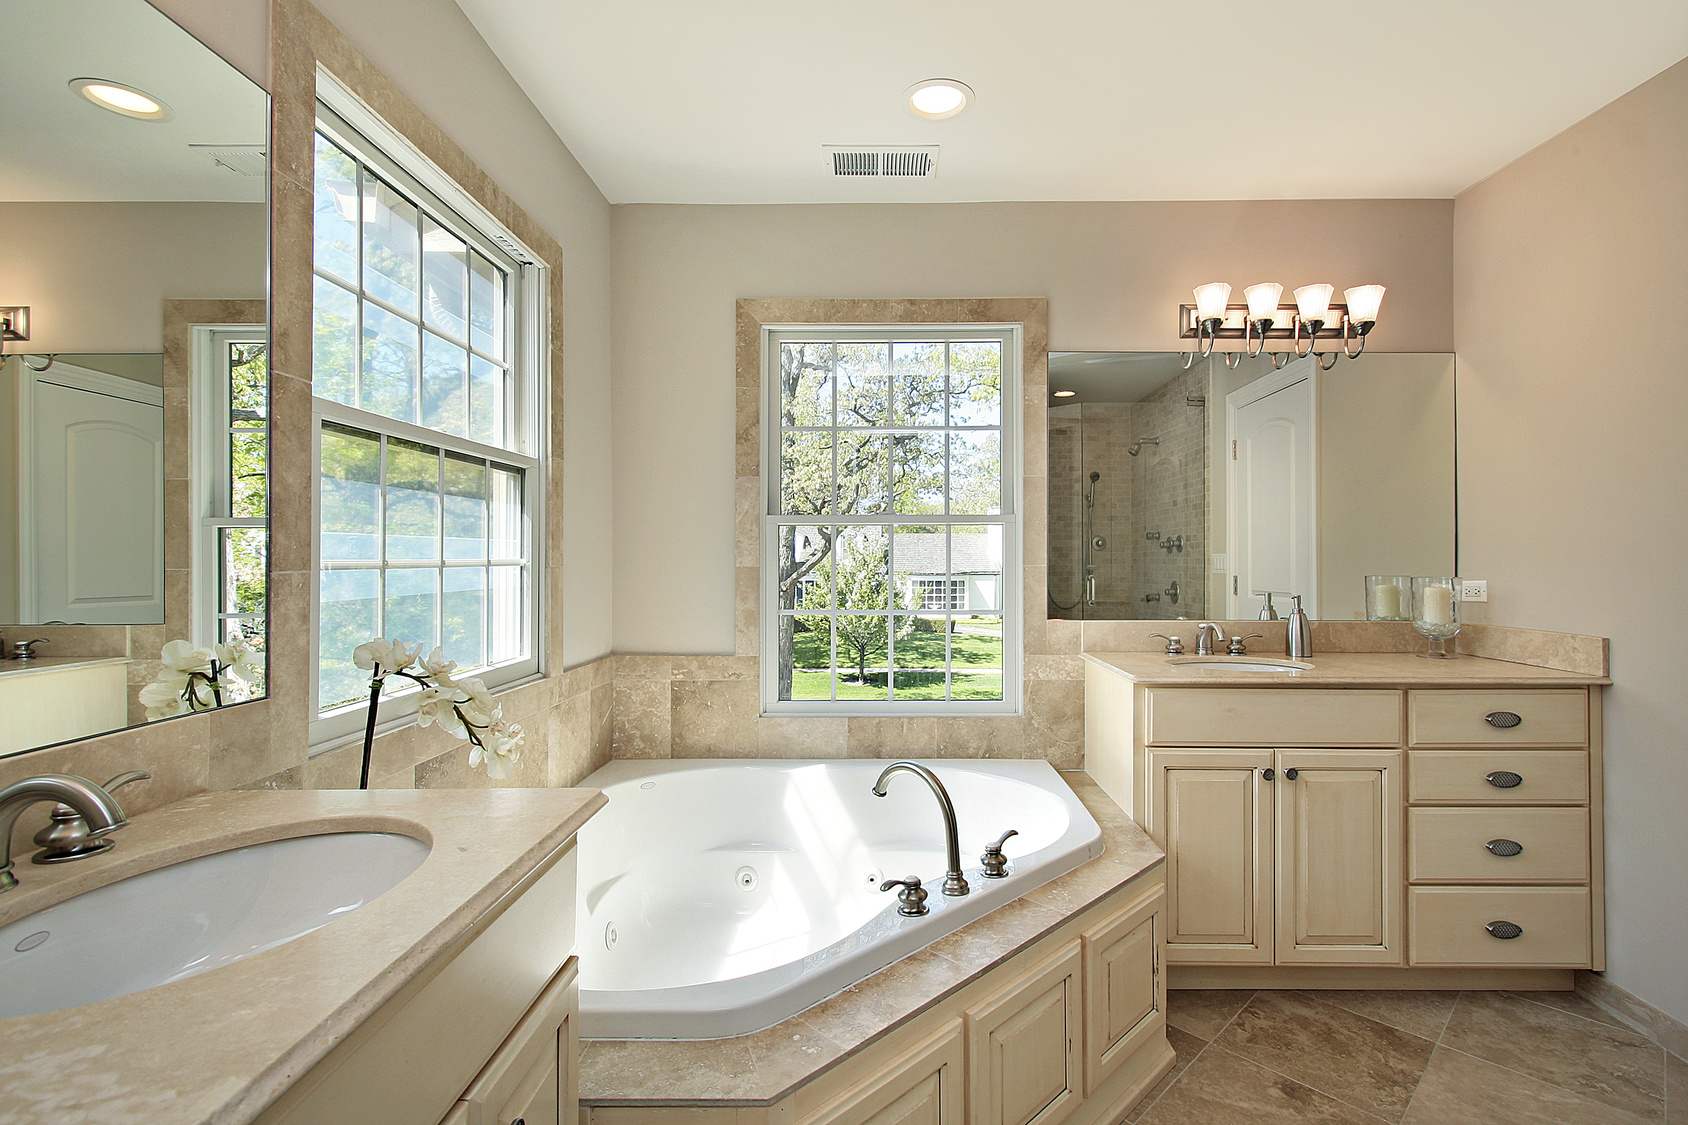 Угловая ванна в интерьере: как правильно выбрать и установить (53 фото)